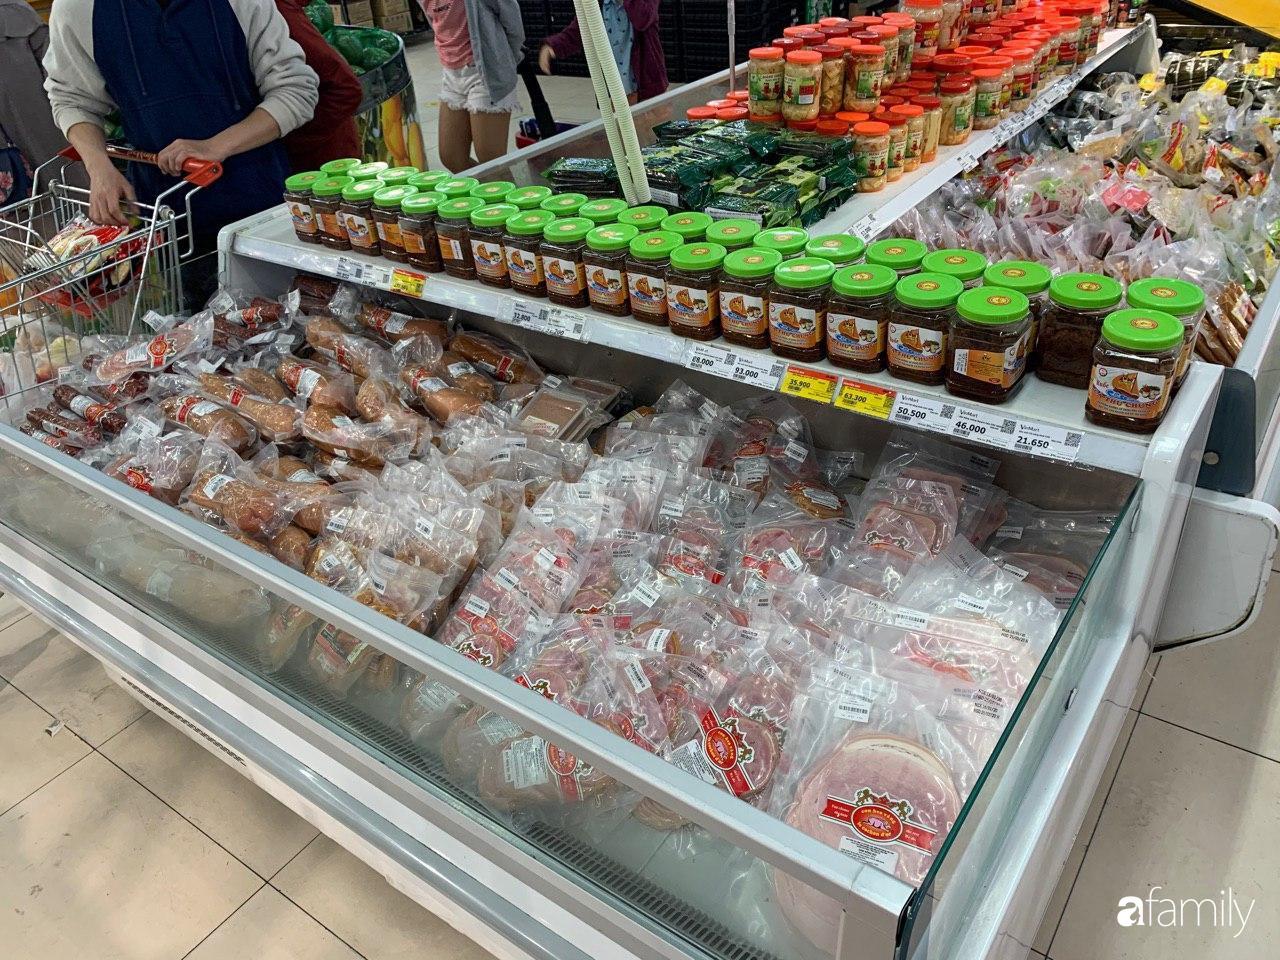 Hà Nội: Siêu thị tan hoang ngày 29 Tết, đồ tươi sống - bánh kẹo đã cháy hàng - 12